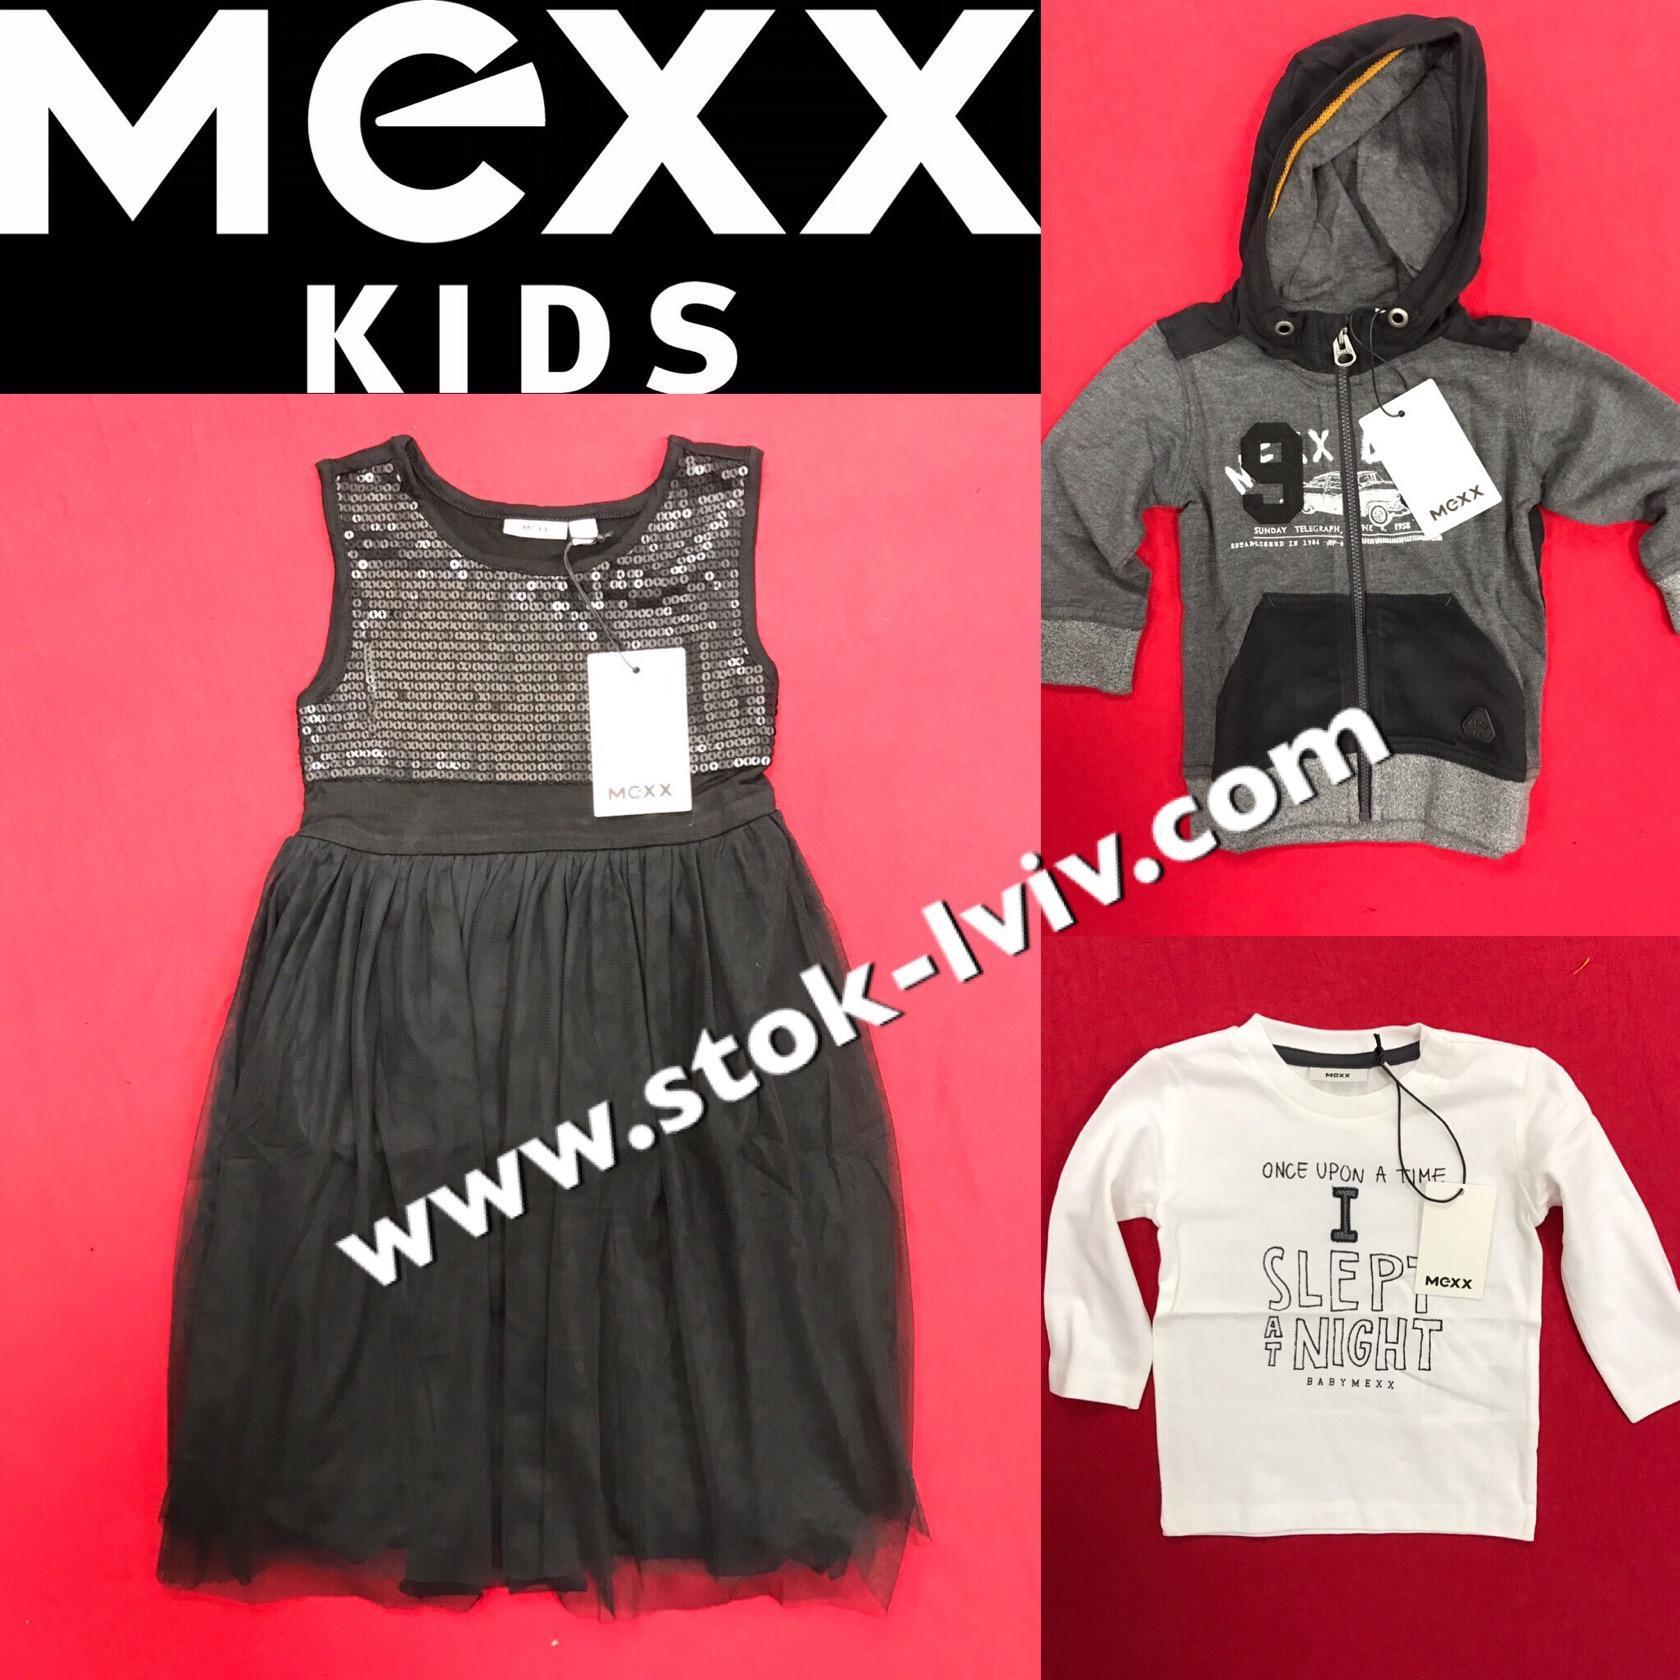 c42e58c674b1 Детская одежда сток Mexx. Сезон - весна лето. Одежда для детей от 2 до 12  лет. Цена 4,75 € ед. Продажа в лотах по 50 ед. Отправка по всей Украине  через ...